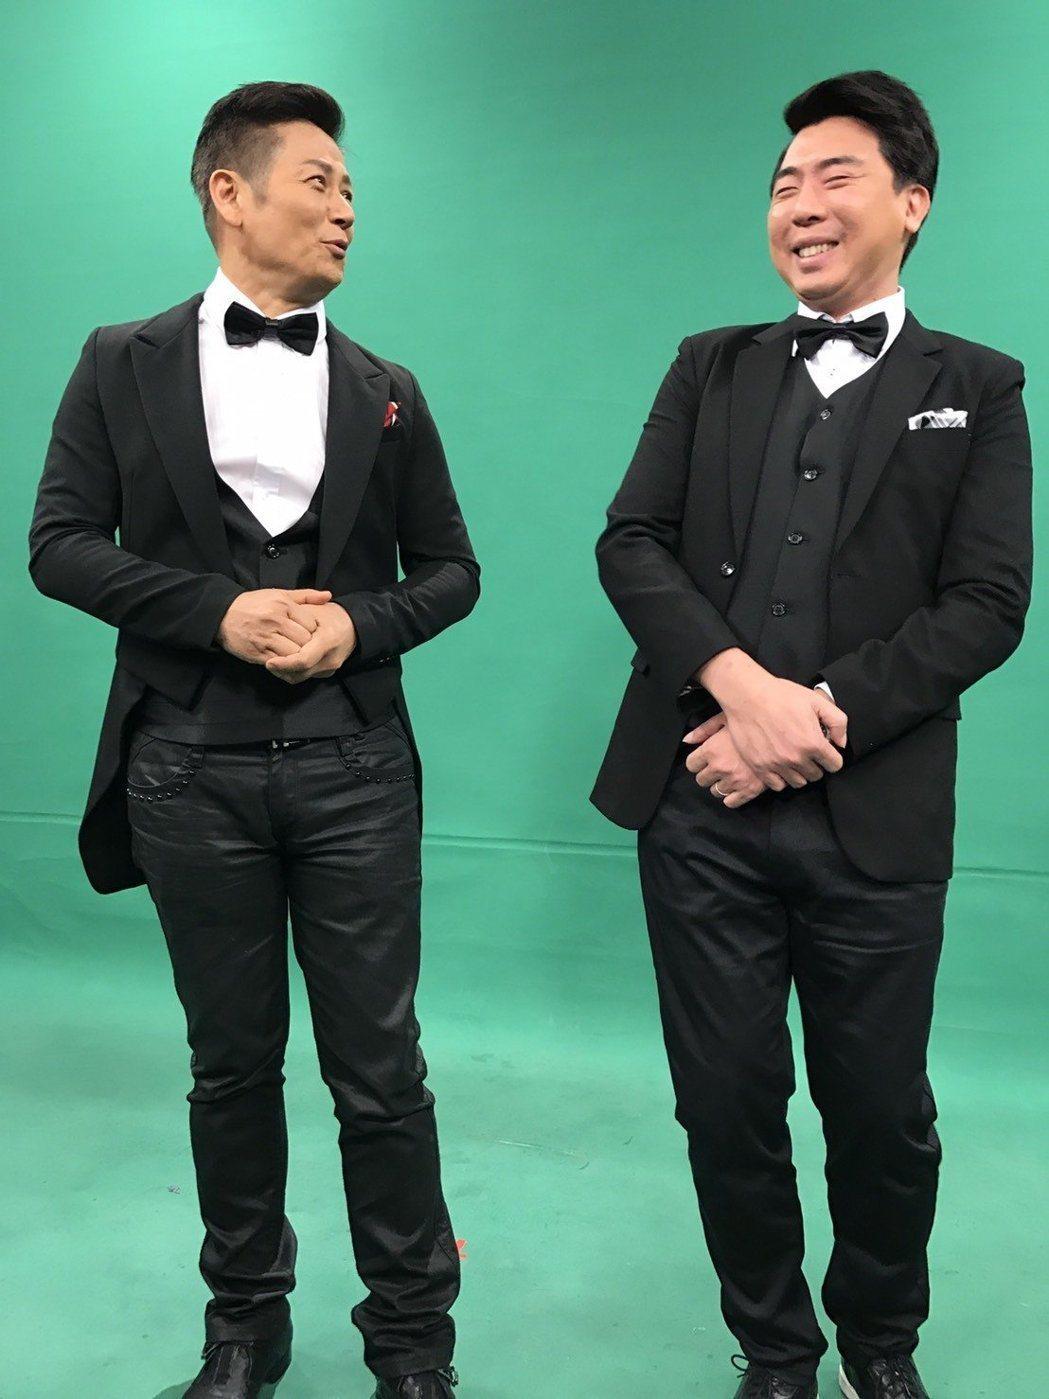 徐乃麟(左)、梁赫群新作「天天樂財神」直接復刻當年的「小氣大財神」。本報資料照